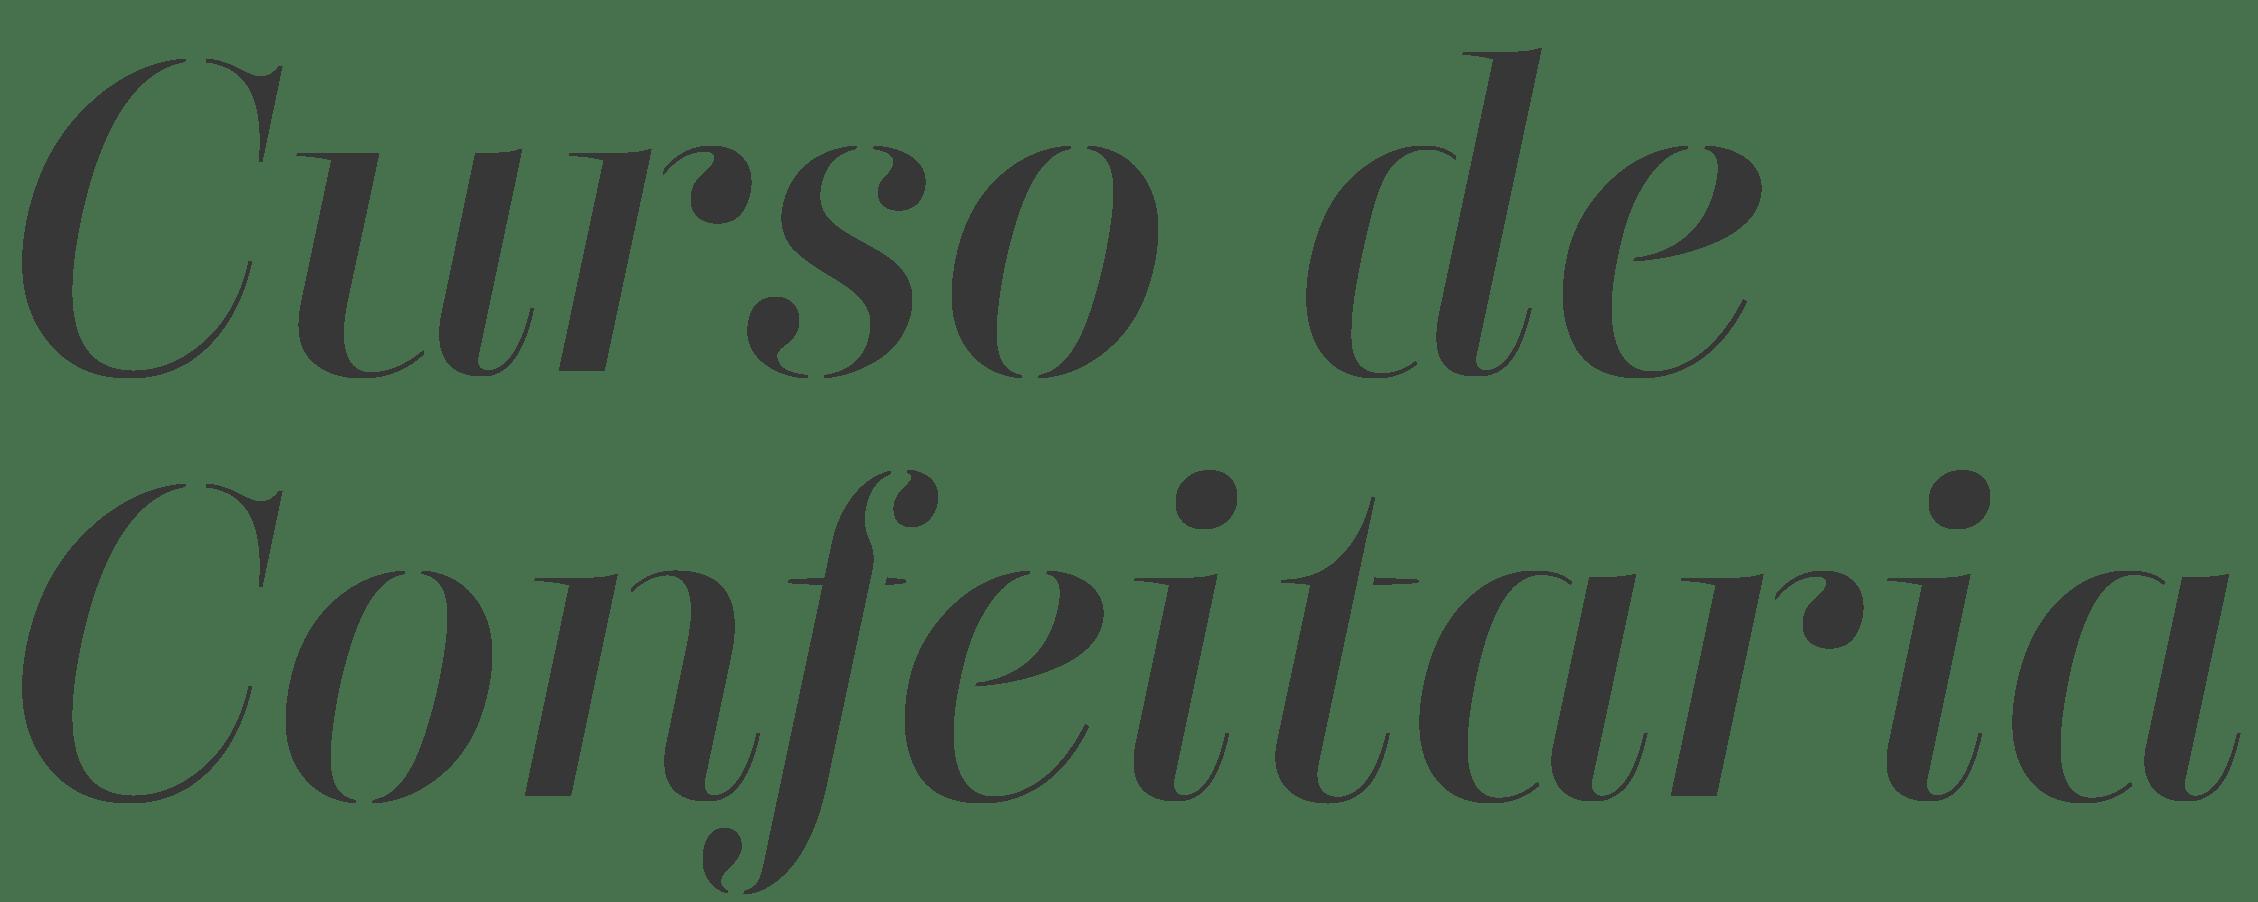 logo2confeitariacinza